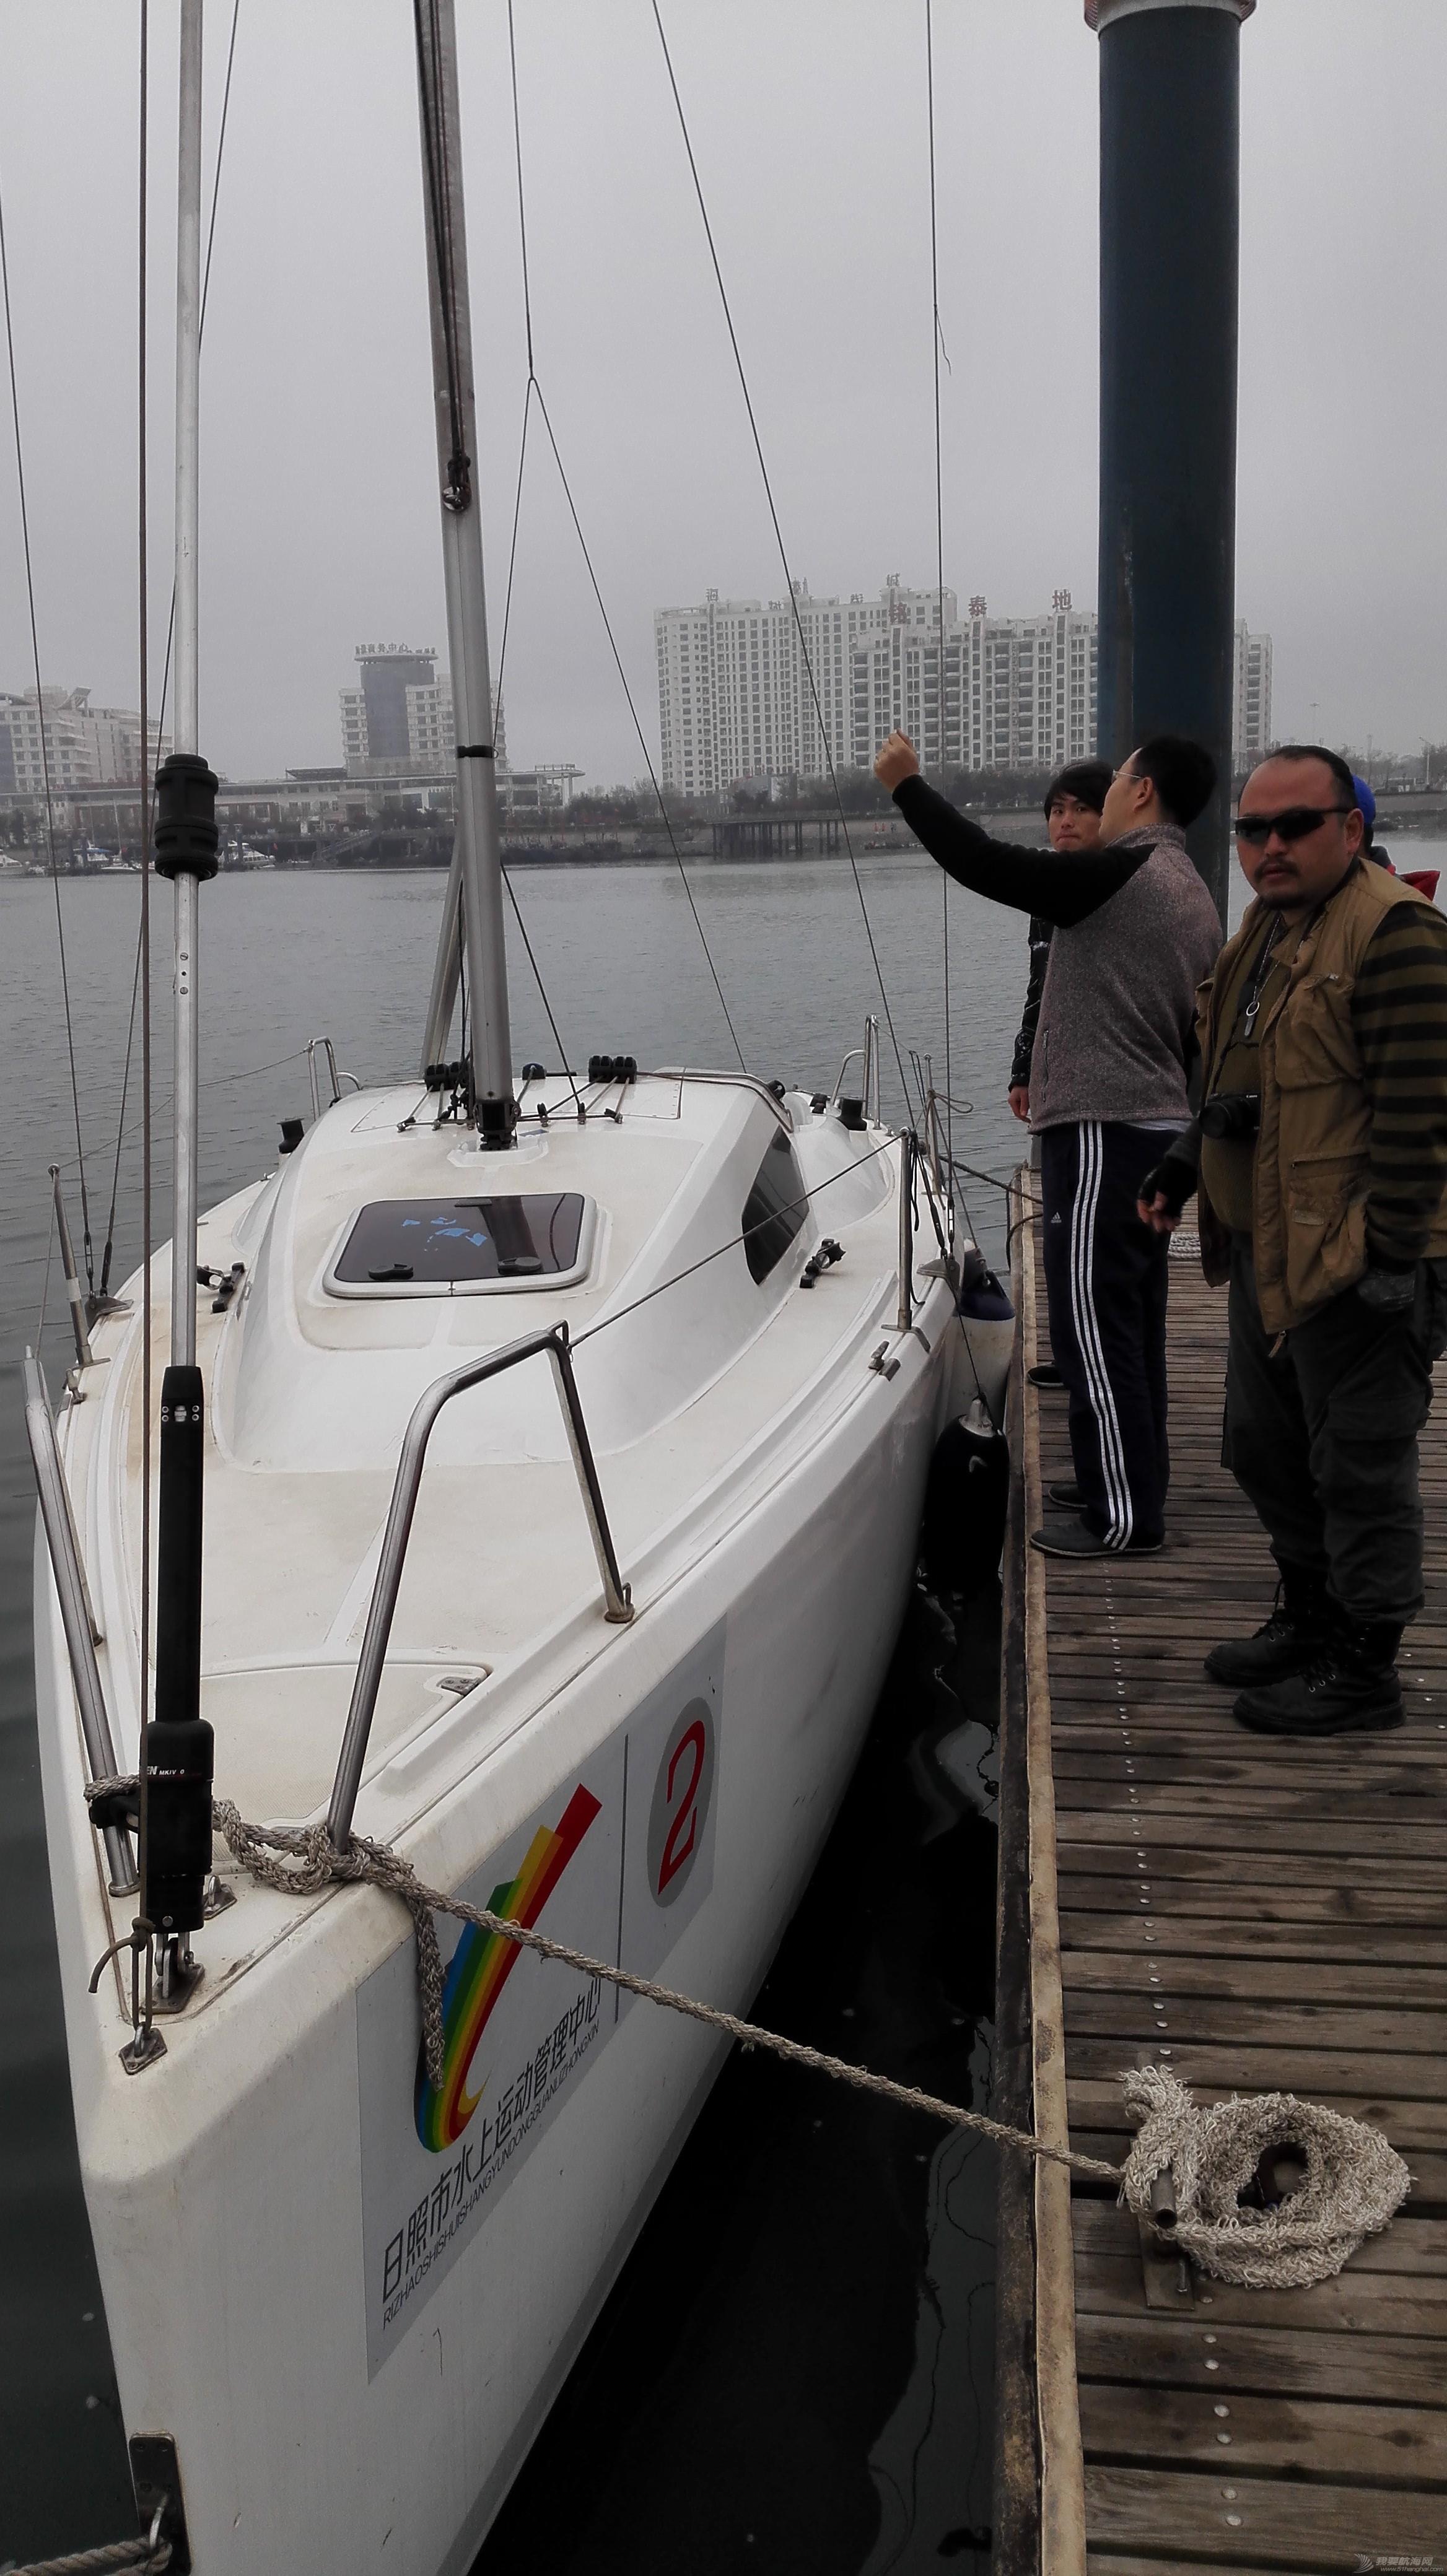 北京,日照 日照航海学习——北京篇 基地老是坏的船